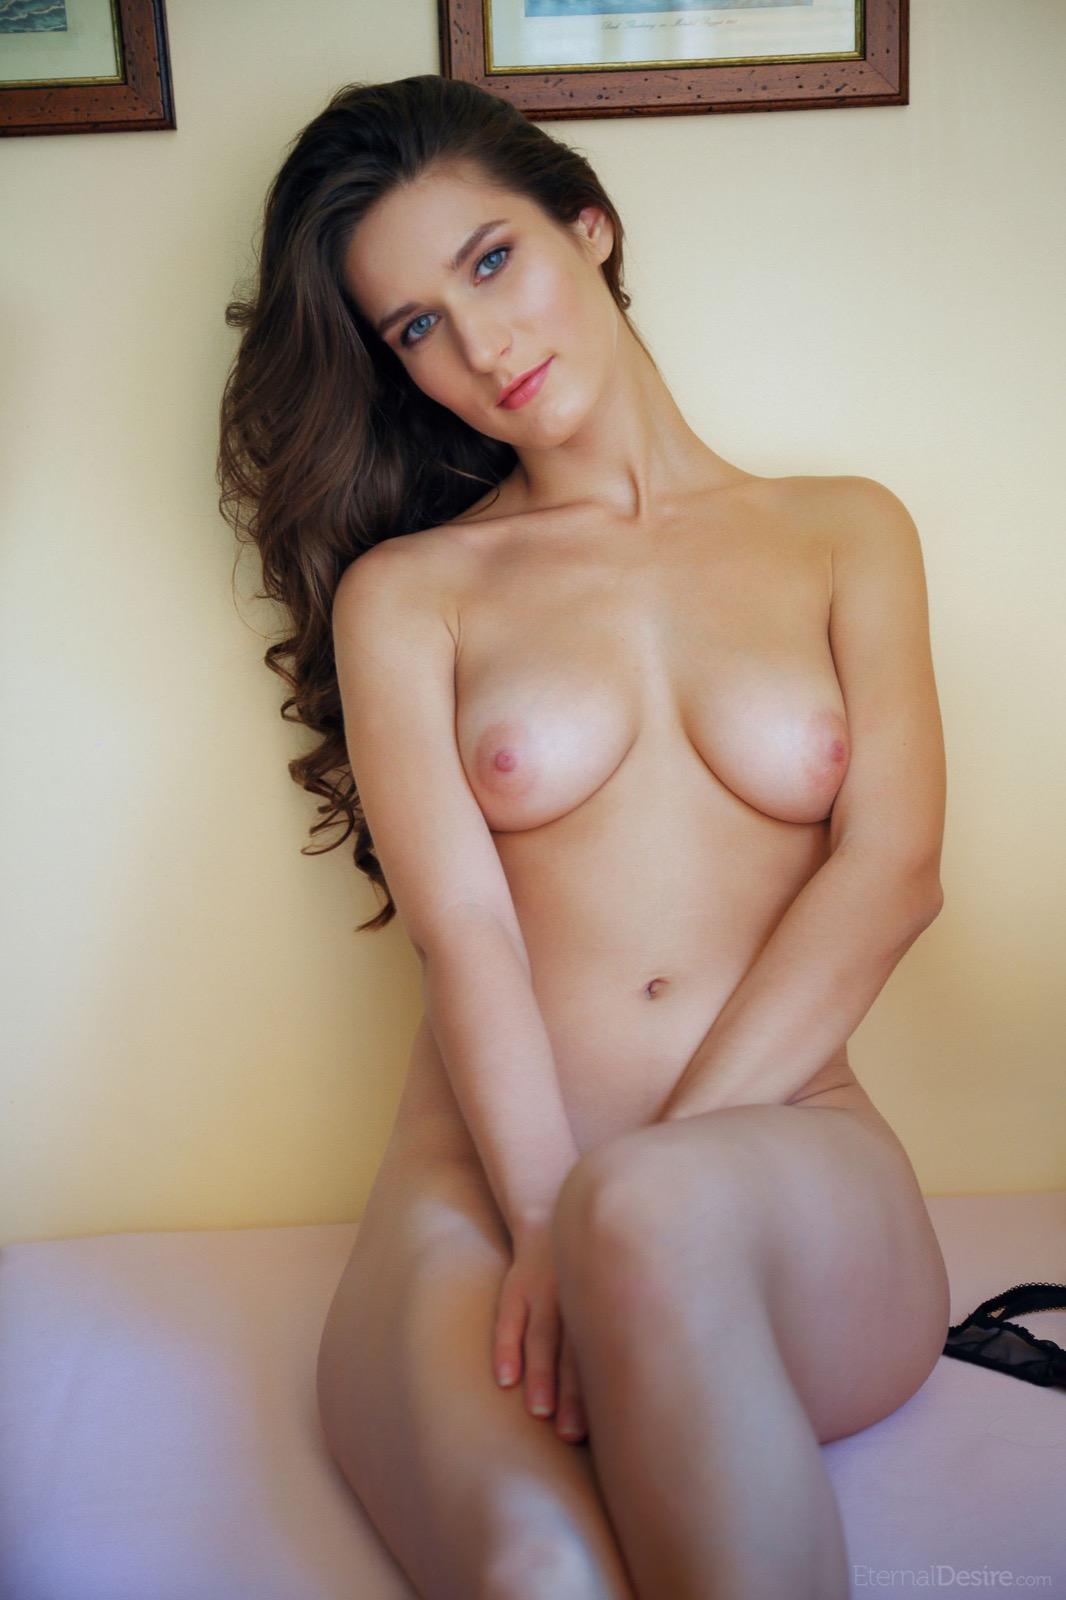 紧湿的猫 - Sexy Girl - elina - naked 10303